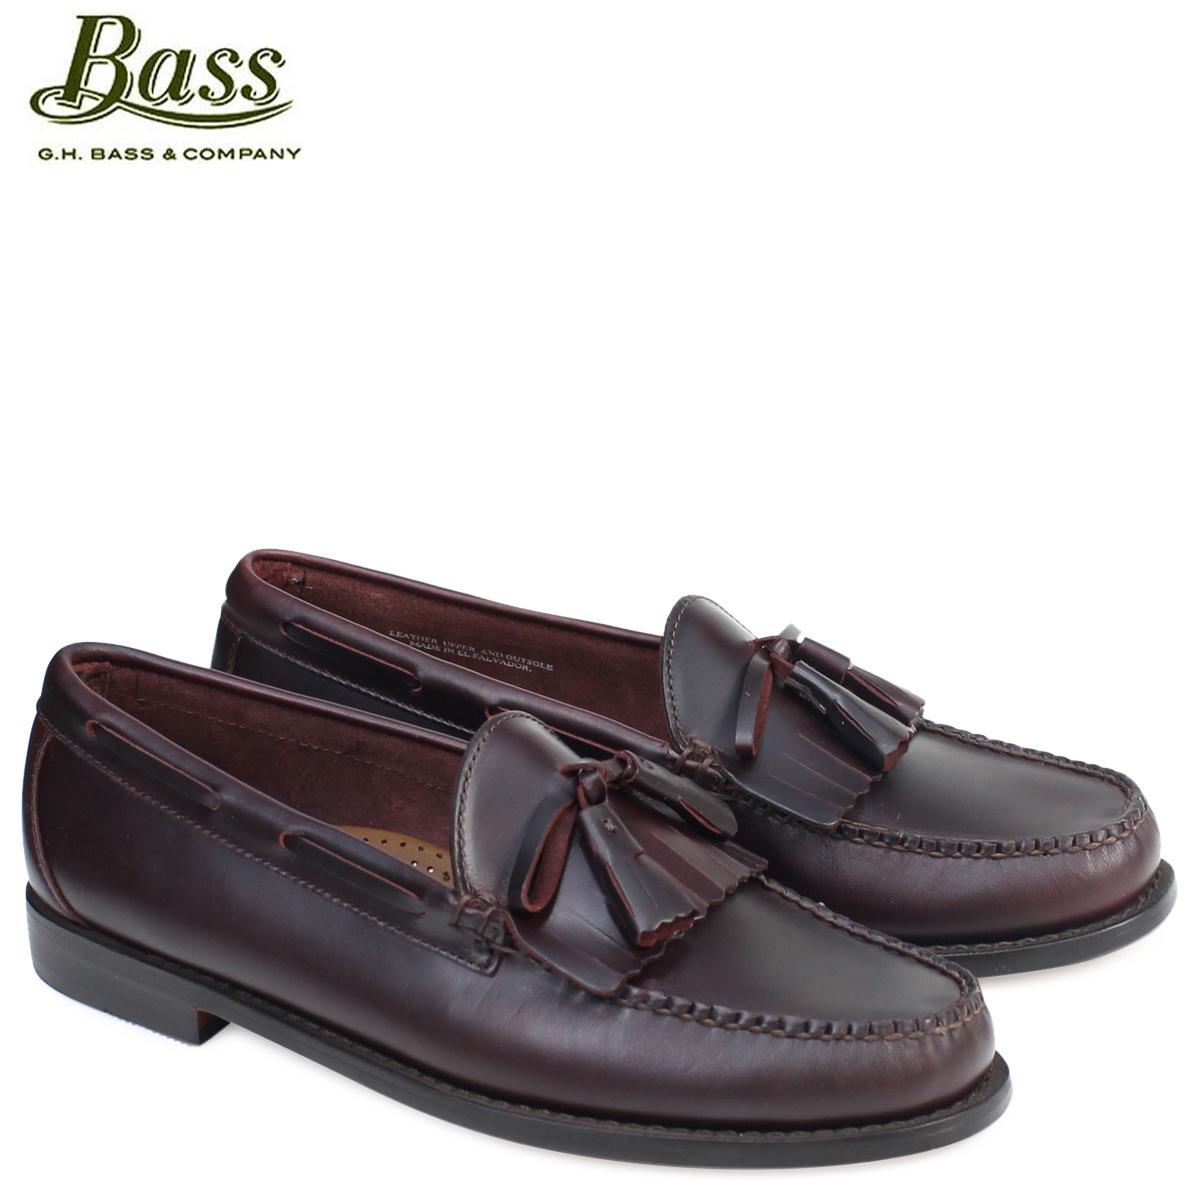 ジーエイチバス ローファー G.H. BASS メンズ タッセル LAWRENCE KILTIE WEEJUNS 70-80918 靴 バーガンディ